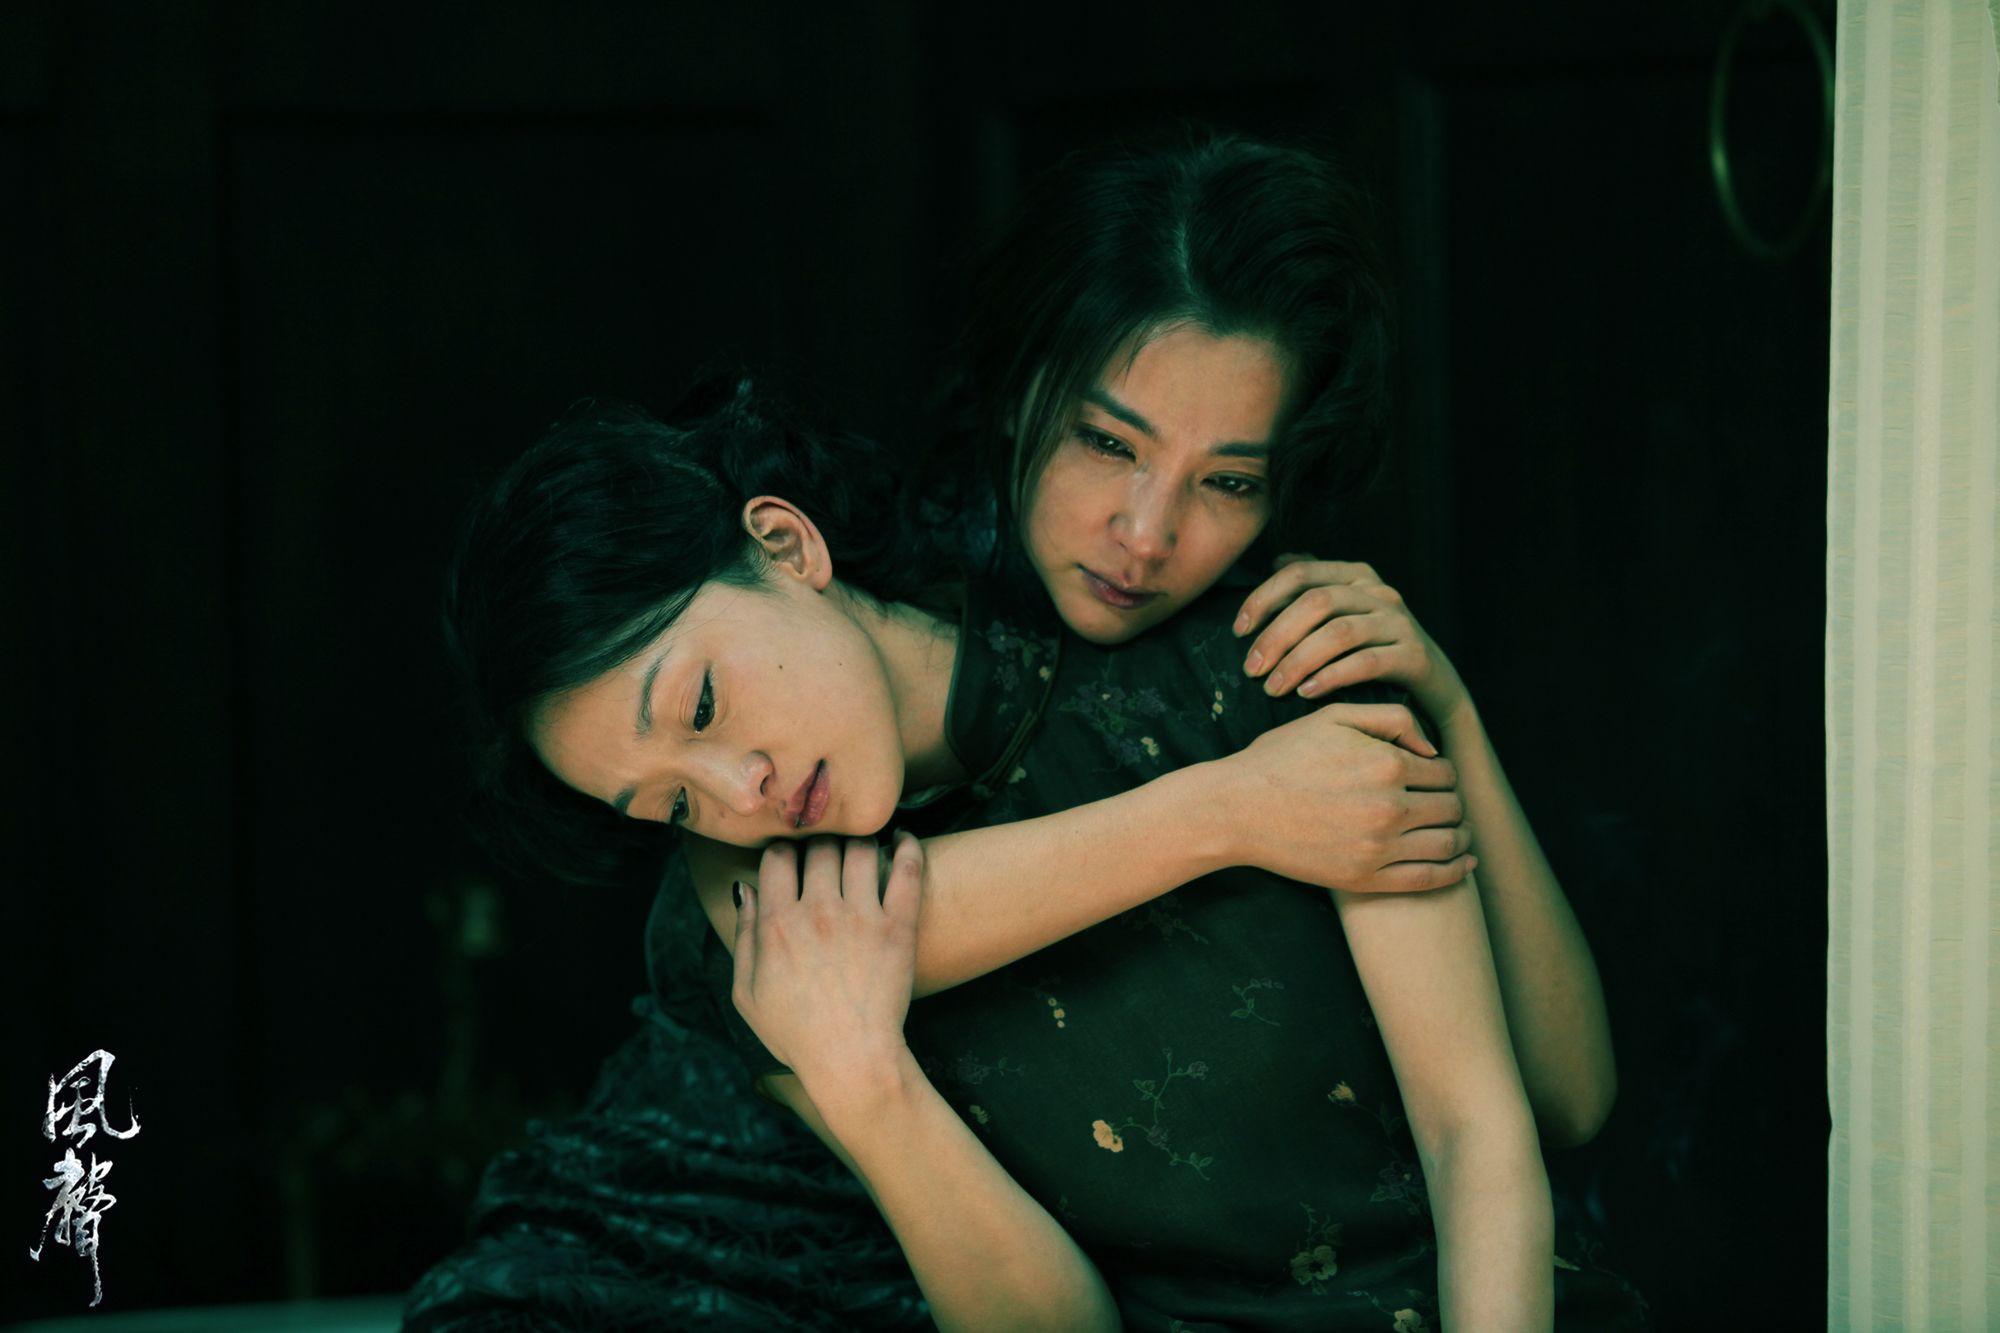 Tiểu Hoa Đán thời nay đã khác: Nhan sắc có thừa nhưng tài năng và giải thưởng kém xa đàn chị - Ảnh 6.